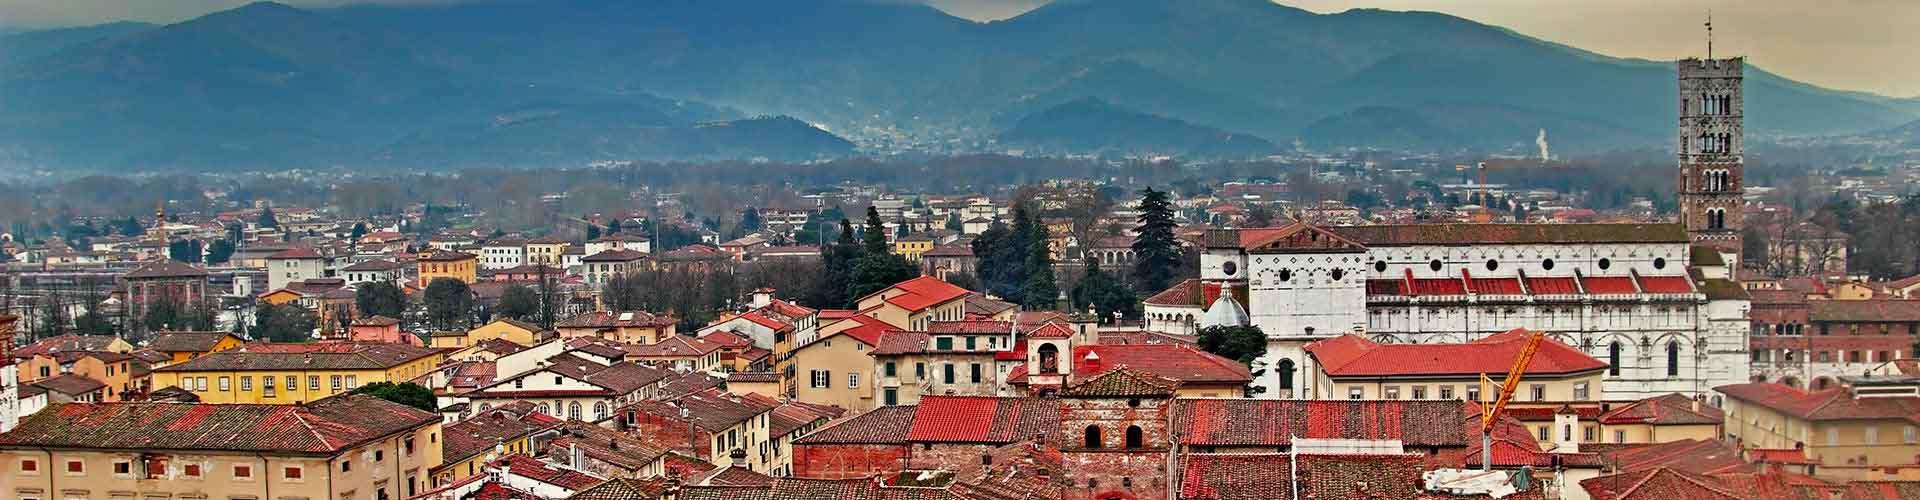 Lucca - Hoteles baratos en Lucca. Mapas de Lucca, Fotos y comentarios de cada Hotel en Lucca.